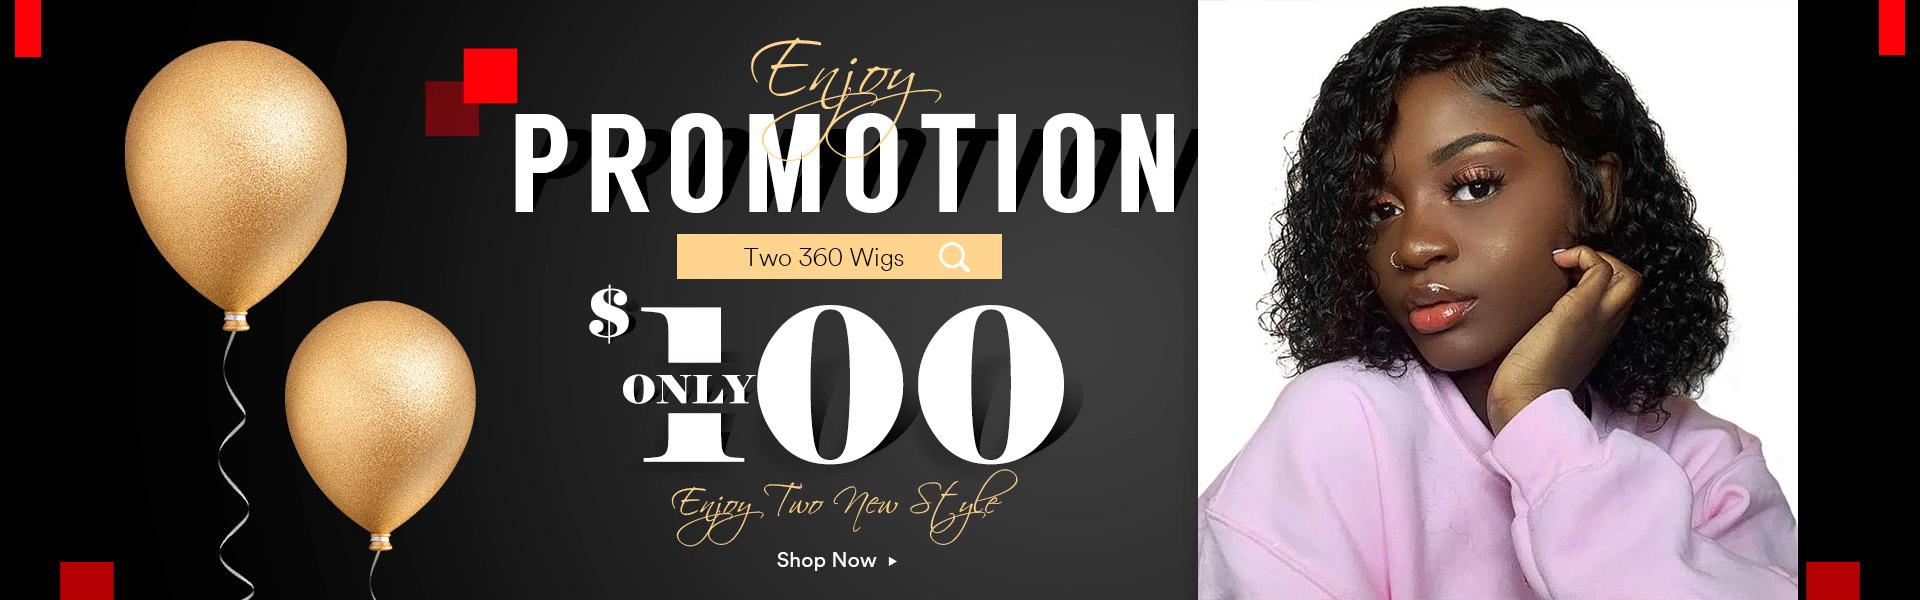 Short 360 wig promo